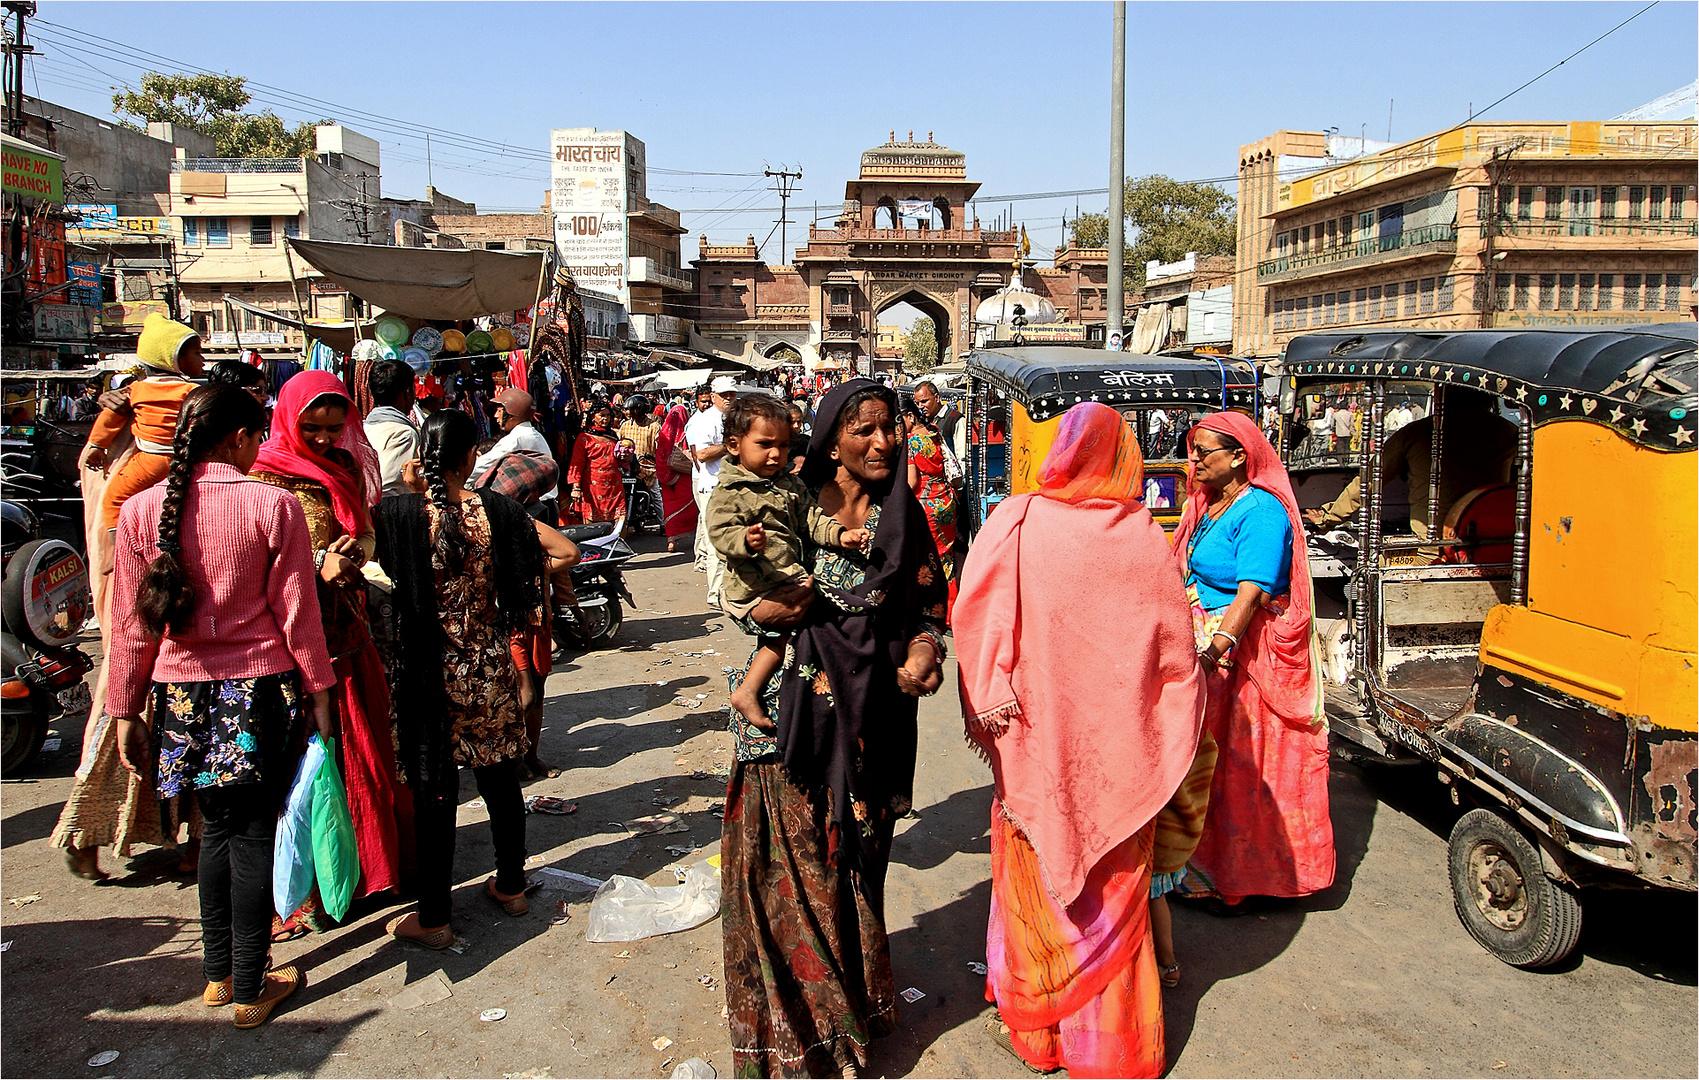 Mit dem Tuk Tuk ins Zentrum vom Jodhpur und dann zu Fuß weiter...